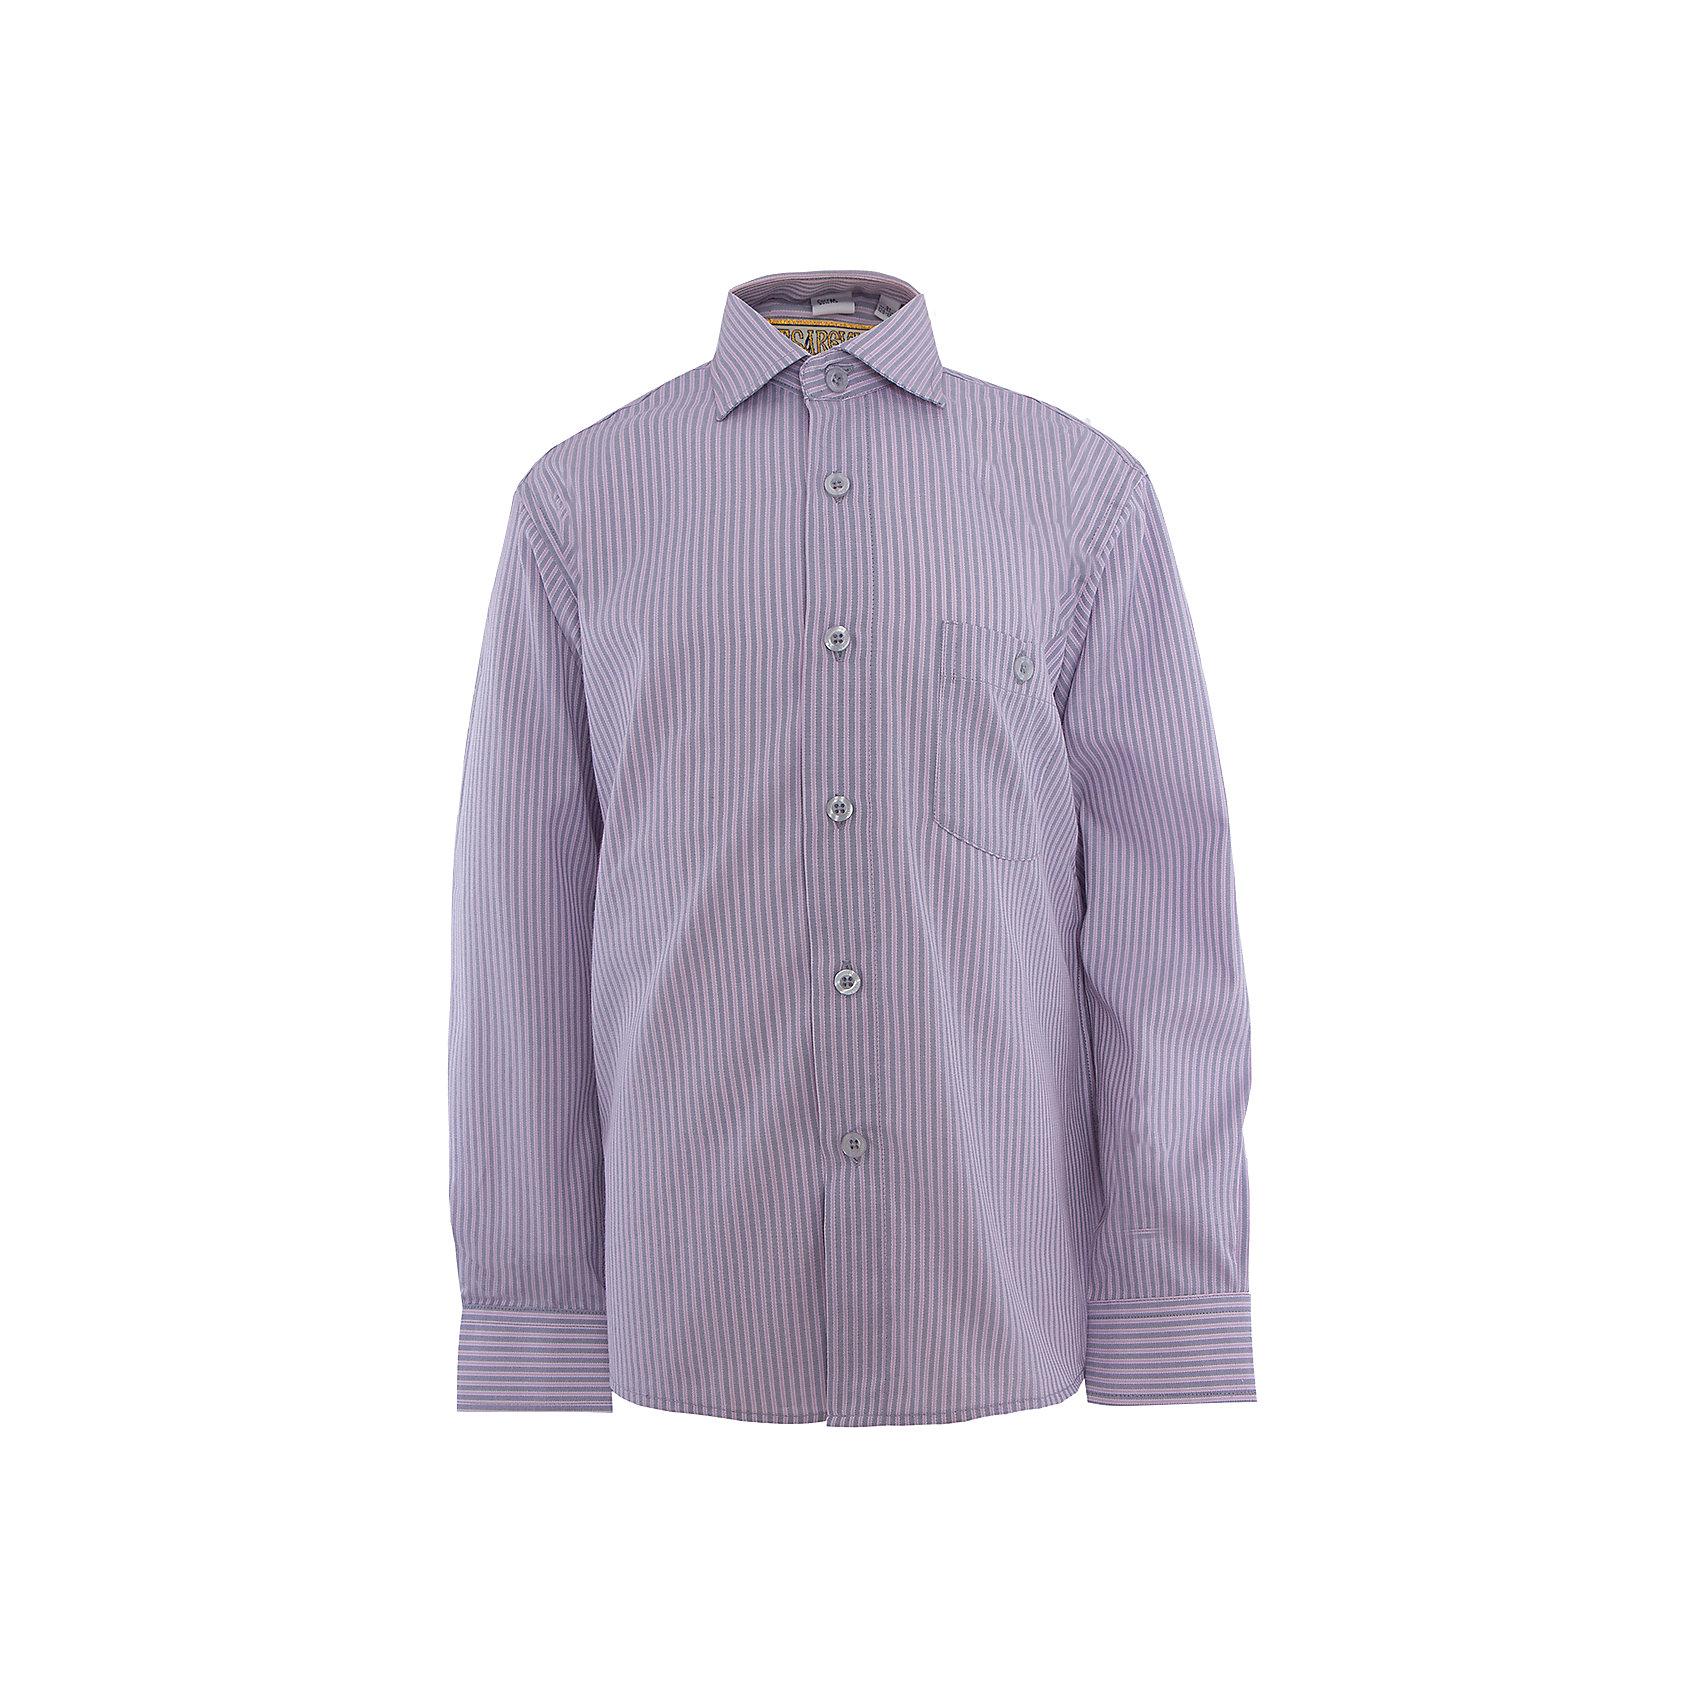 Рубашка для мальчика TsarevichБлузки и рубашки<br>Классическая рубашка - неотьемлемая вещь в гардеробе. Модель на пуговицах, с отложным воротником. Свободный покрой не стеснит движений и позволит чувствовать себя комфортно каждый день.  Состав 65 % хл. 35% П/Э<br><br>Ширина мм: 174<br>Глубина мм: 10<br>Высота мм: 169<br>Вес г: 157<br>Цвет: лиловый<br>Возраст от месяцев: 168<br>Возраст до месяцев: 180<br>Пол: Мужской<br>Возраст: Детский<br>Размер: 164/170,122/128,128/134,134/140,140/146,146/152,146/152,152/158,152/158,158/164<br>SKU: 4749304